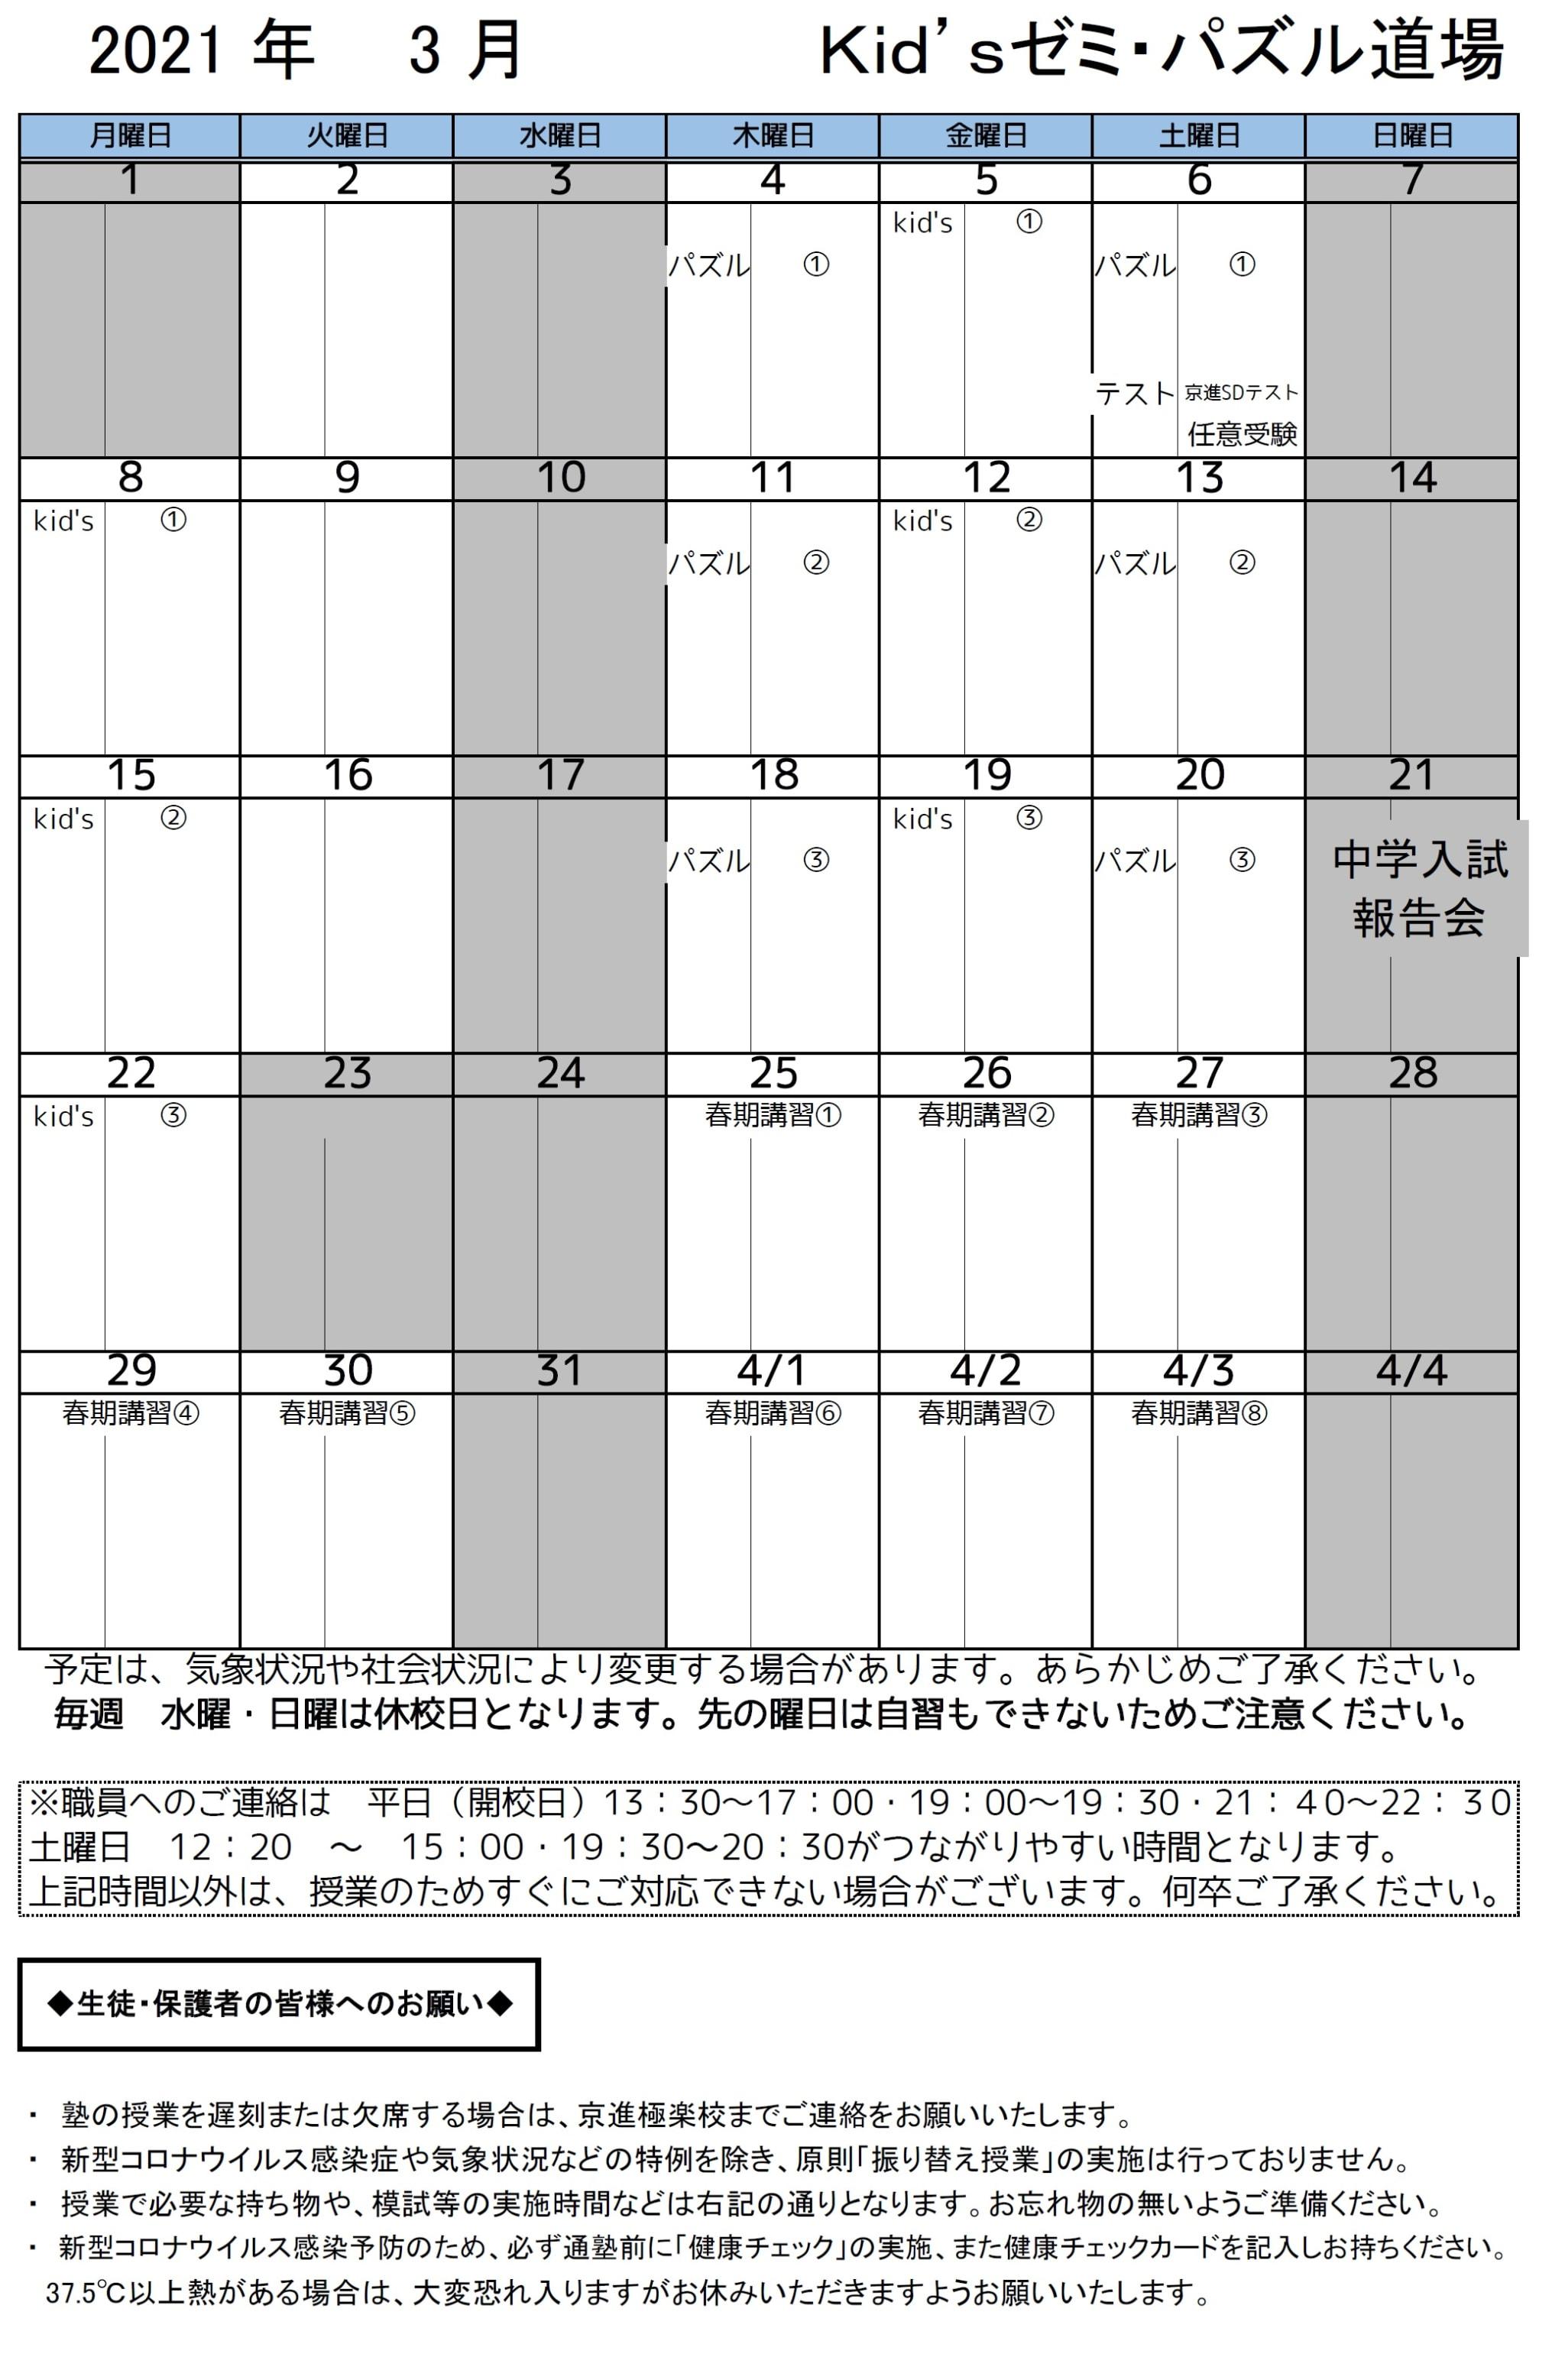 2021年3月中学受験コース予定表